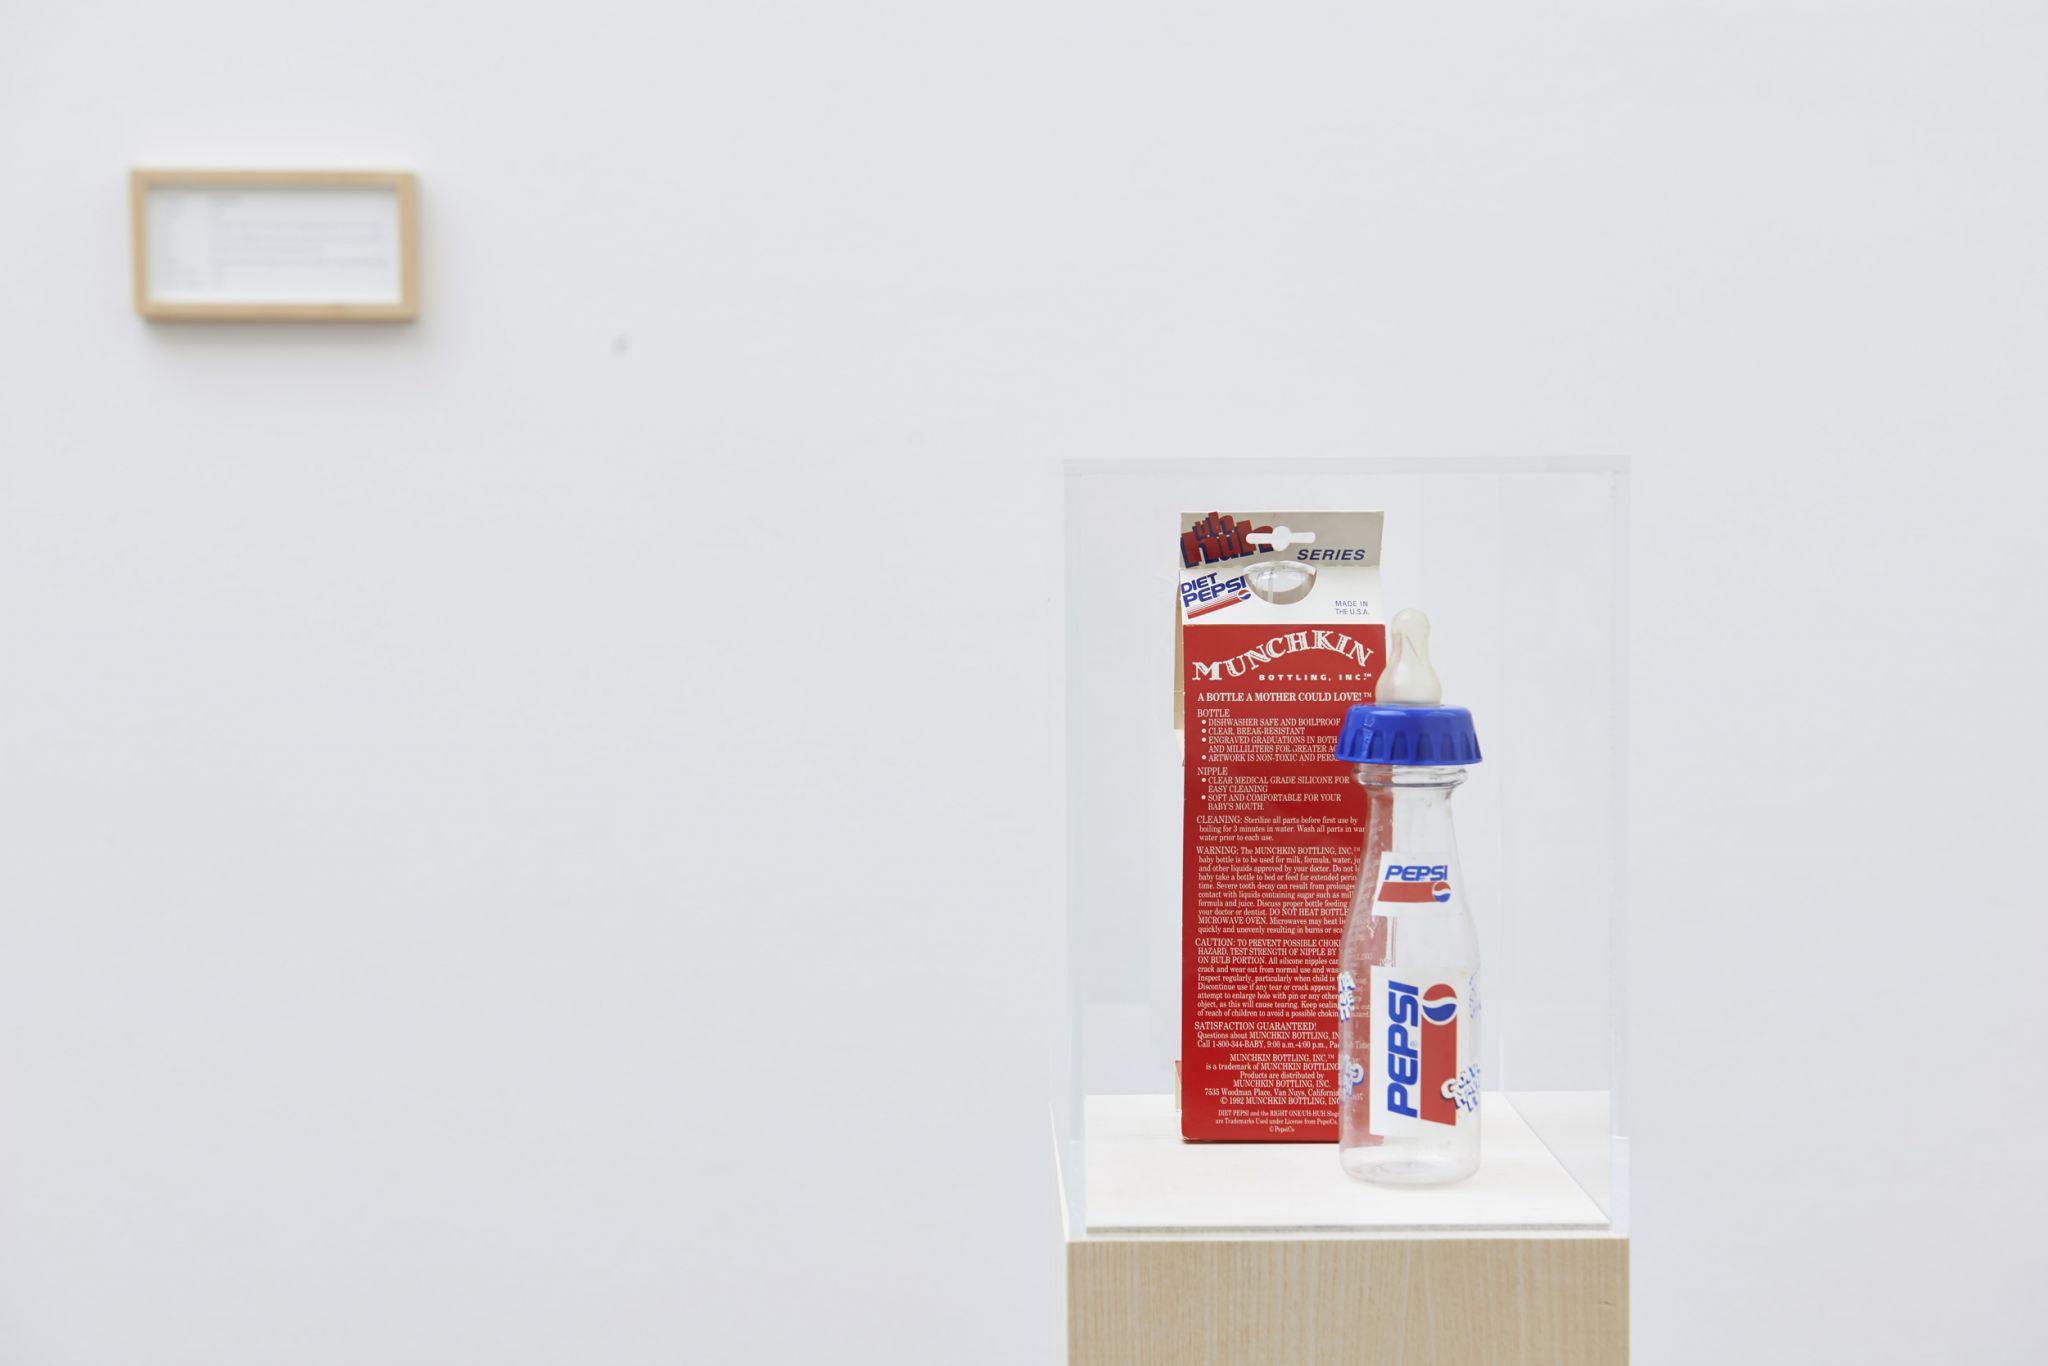 Maryam Jafri, <em>Recall de produtos: Um índex da inovação</em>, 2014-2015